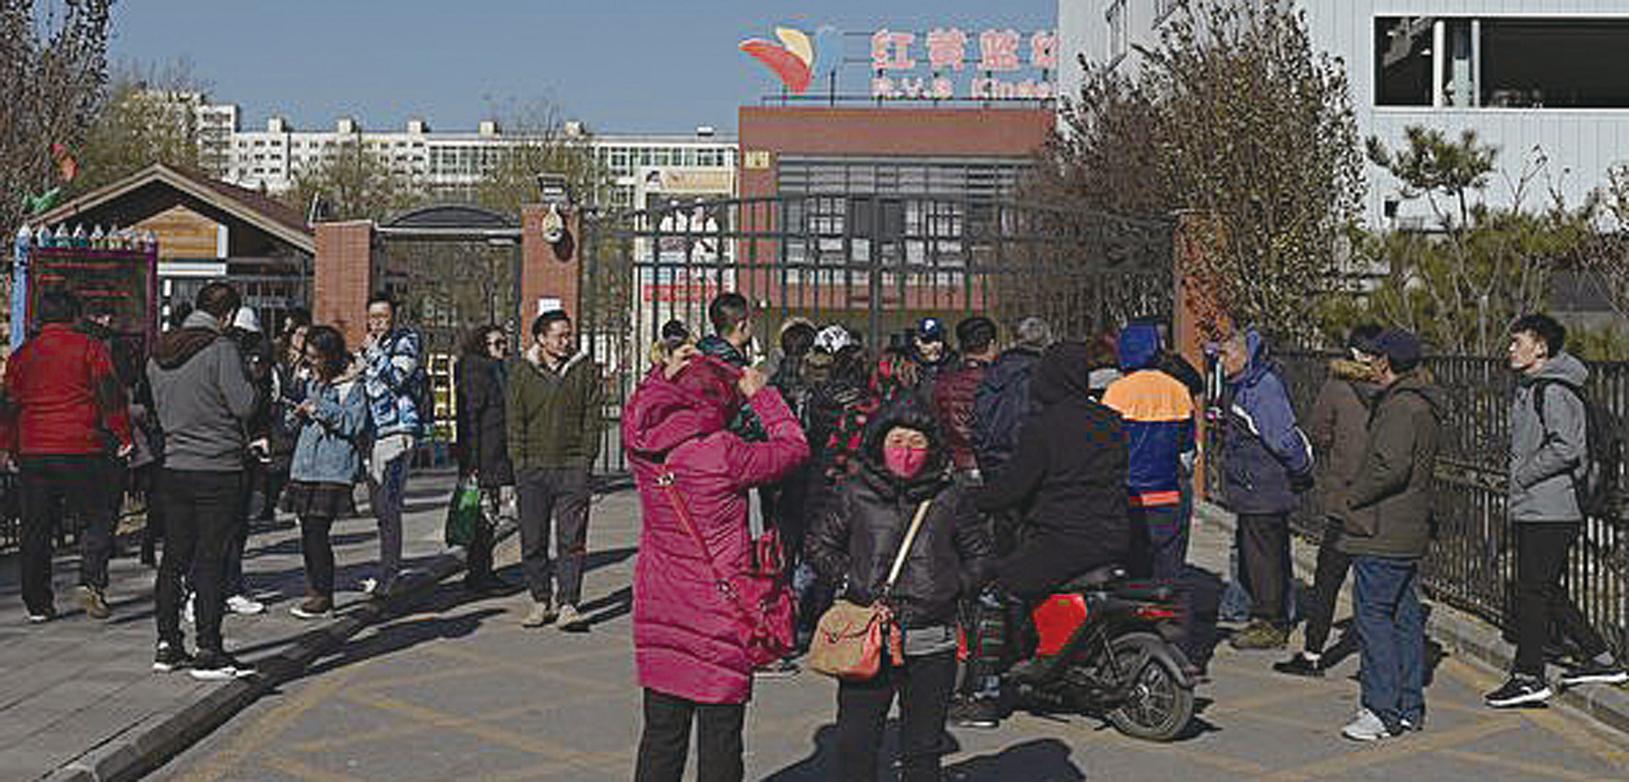 近日,北京朝陽區管莊紅黃藍幼兒園(新天地分園)猥褻、虐童事件遭曝光,事件挑戰著人們的良知底線。圖為家長在向媒體曝光紅黃藍幼兒園虐待、猥褻孩子的真相。(Getty Images)